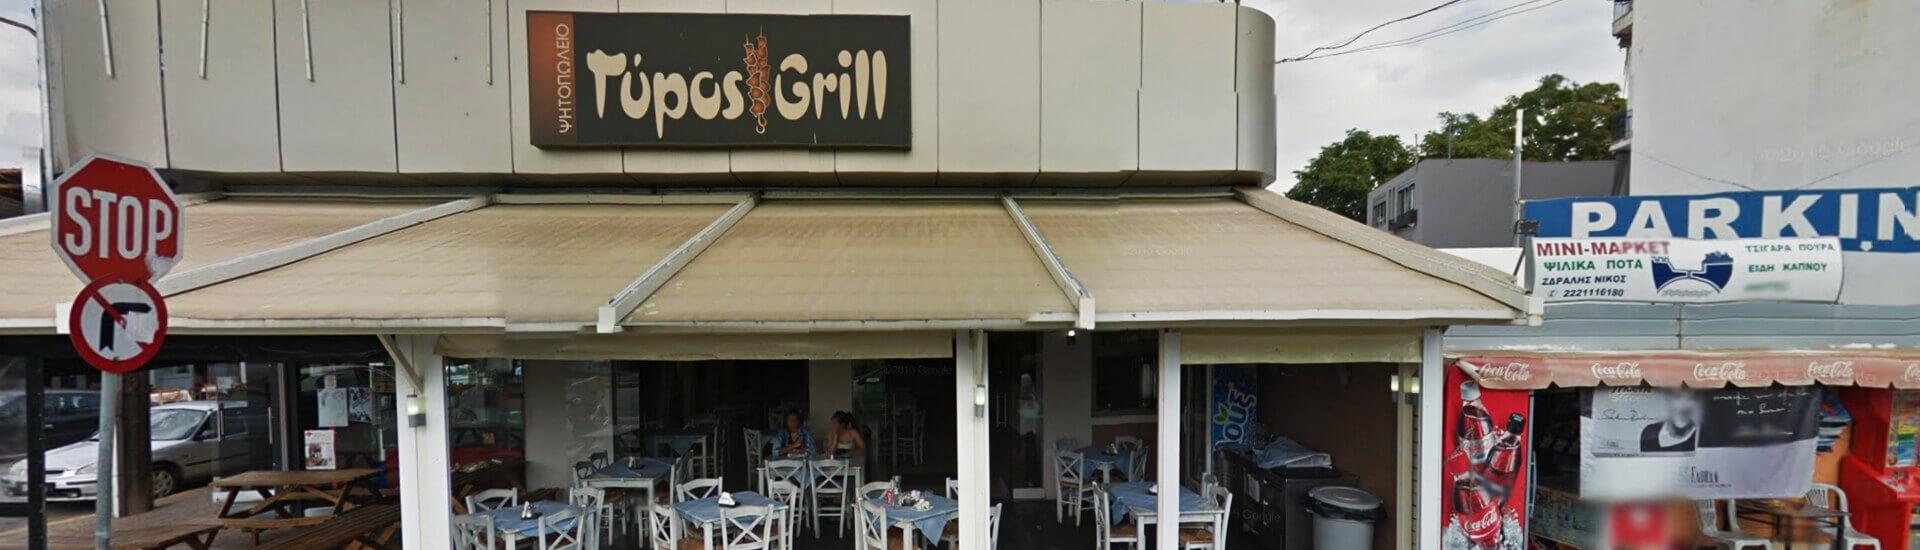 ψητοπωλείο γύρος grill χαλκίδα εύβοια | EviaDelivery.gr